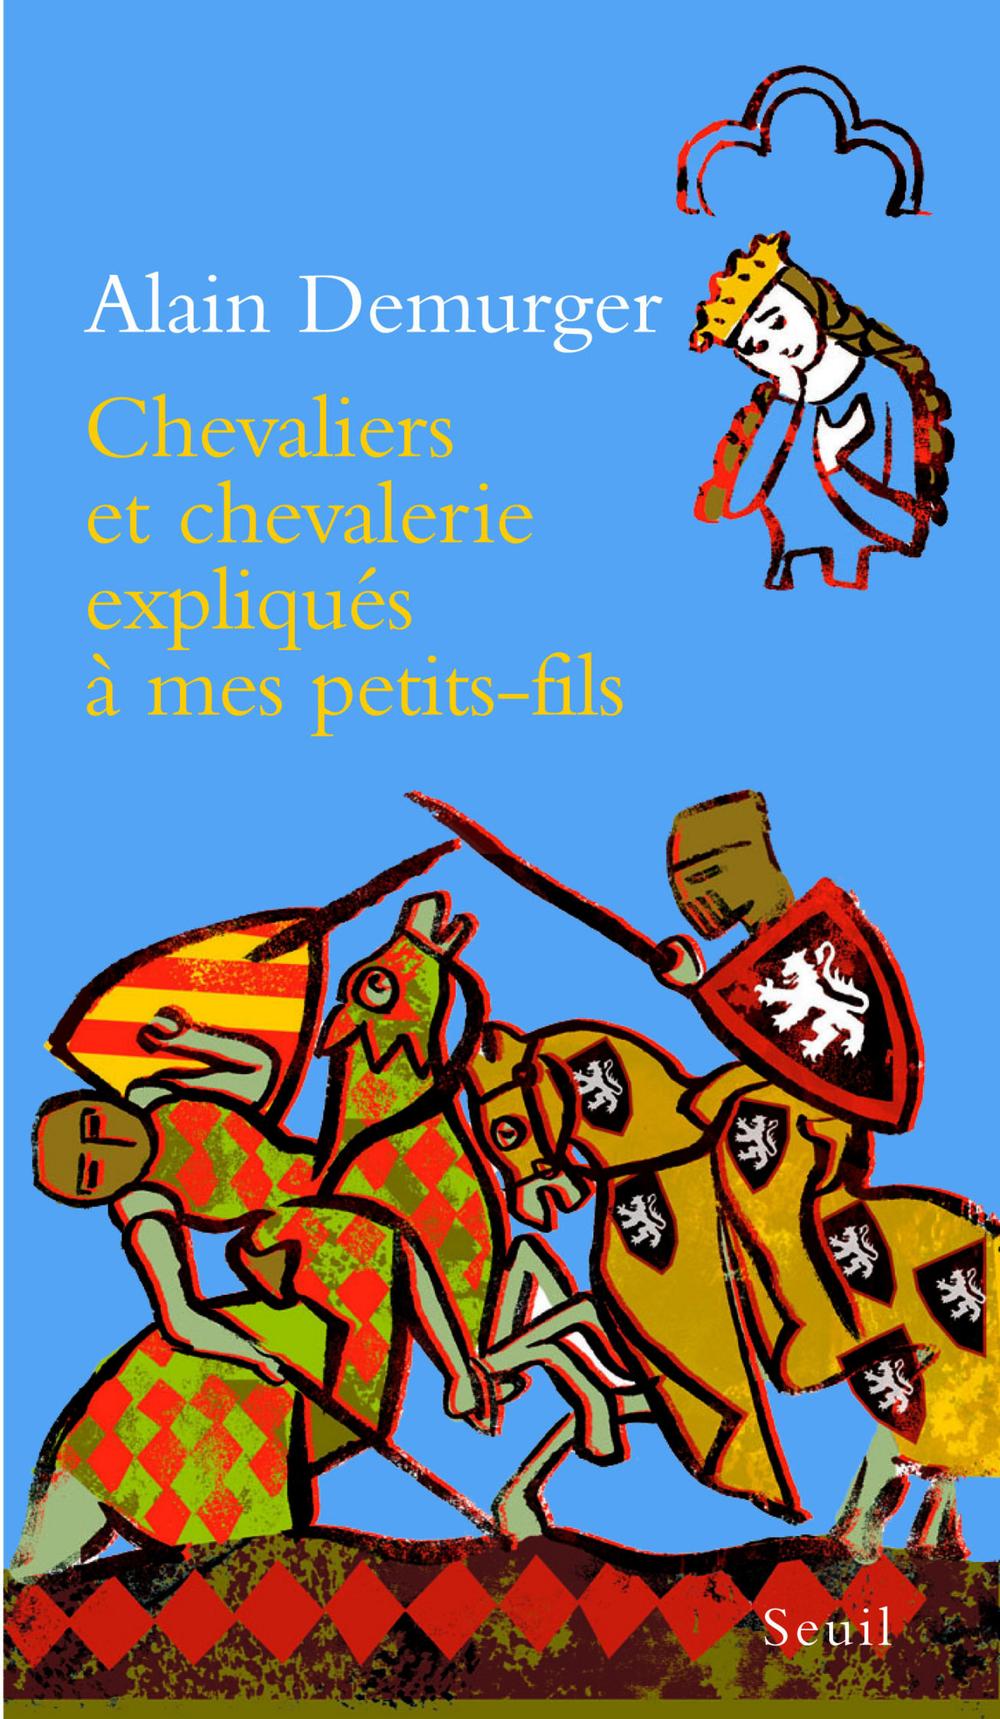 Chevaliers et chevalerie expliqués à mon petit-fil